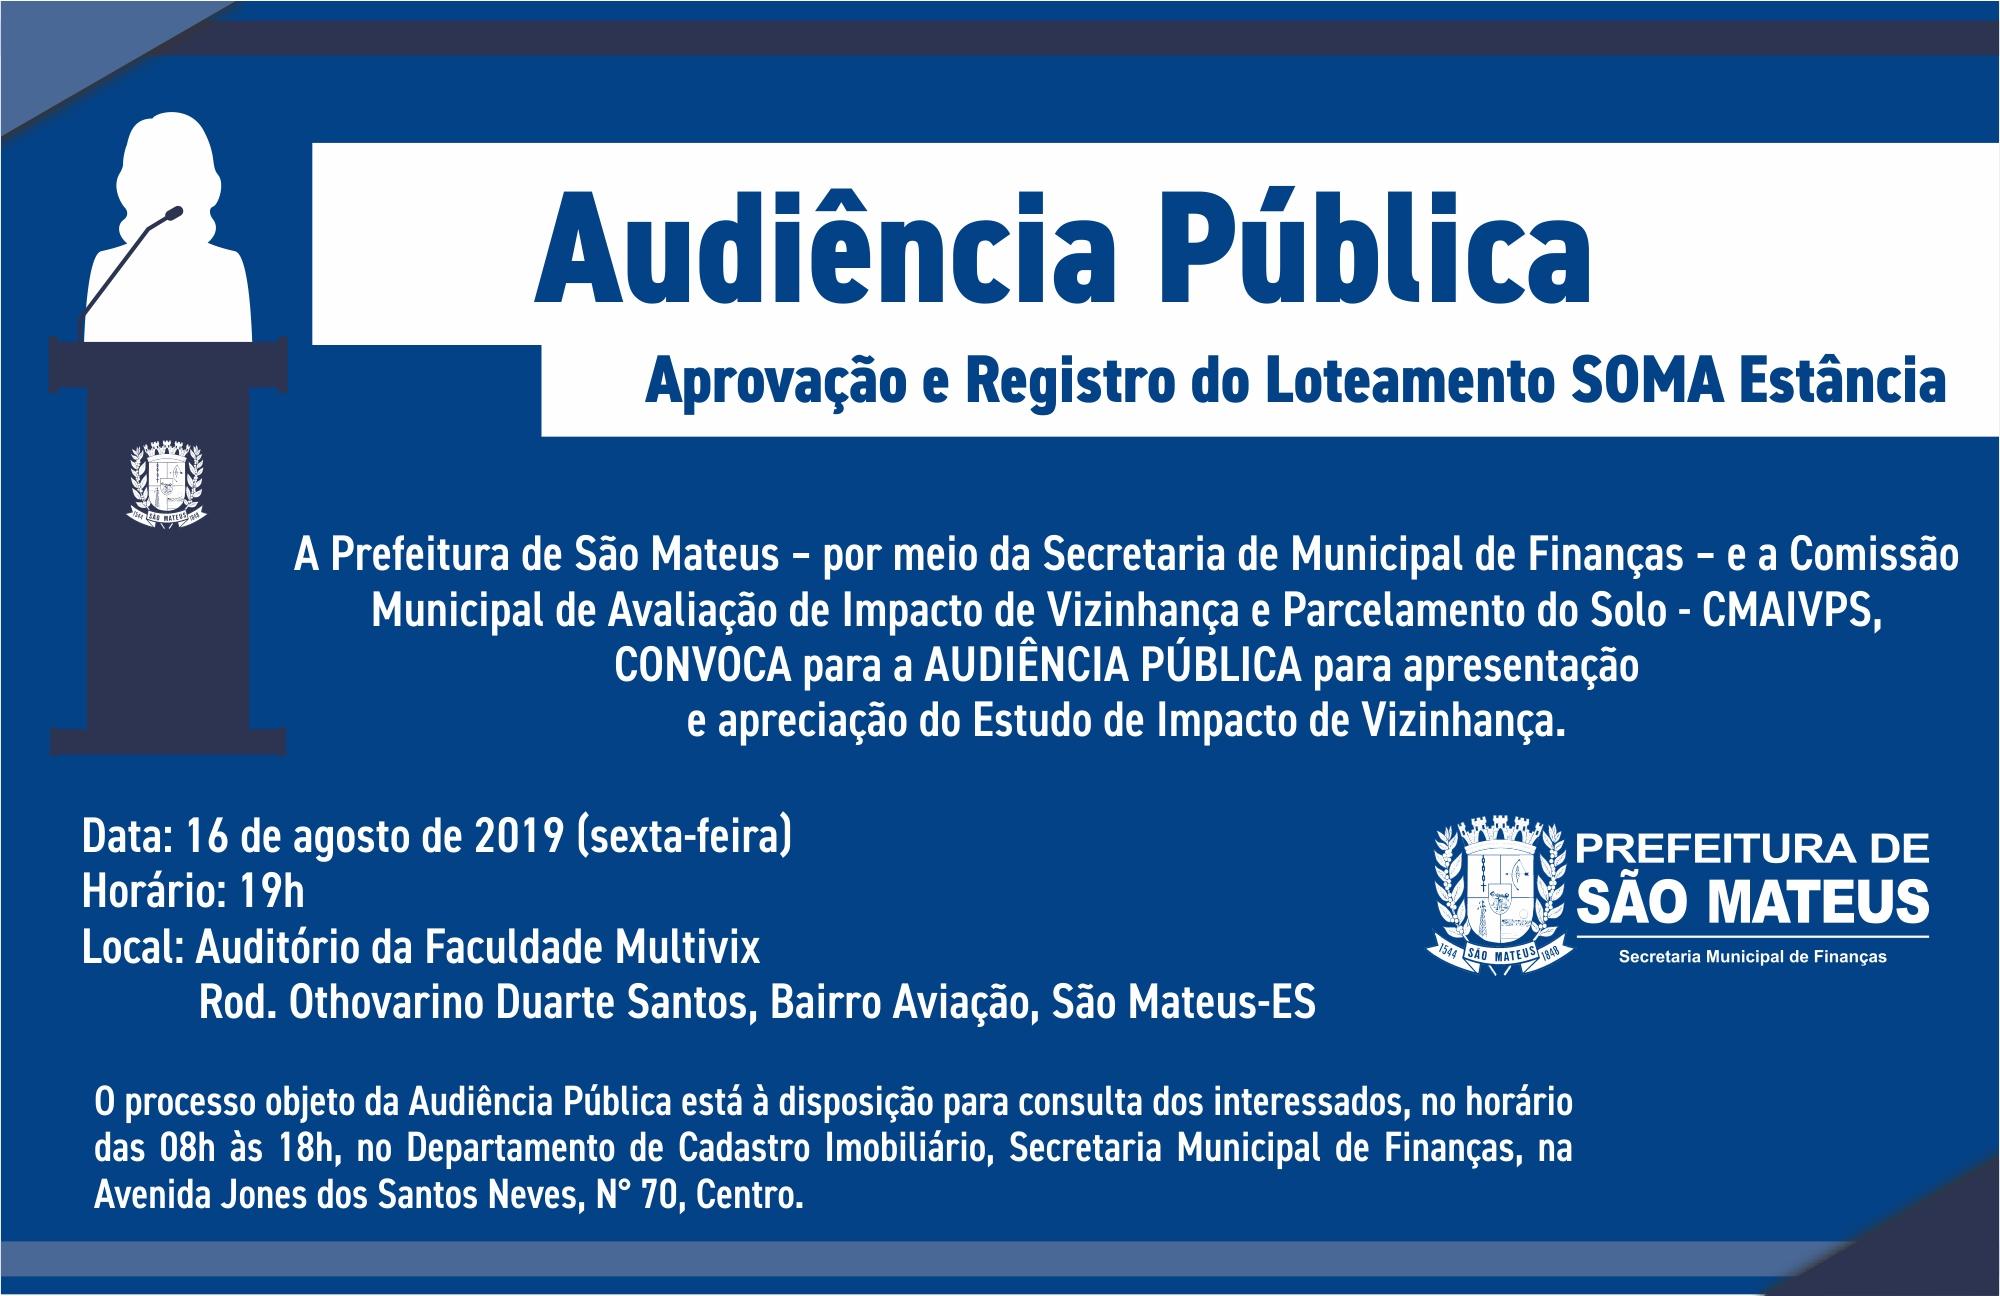 AUDIÊNCIA PÚBLICA - APROVAÇÃO E REGISTRO DO LOTEAMENTO SOMA ESTÂNCIA